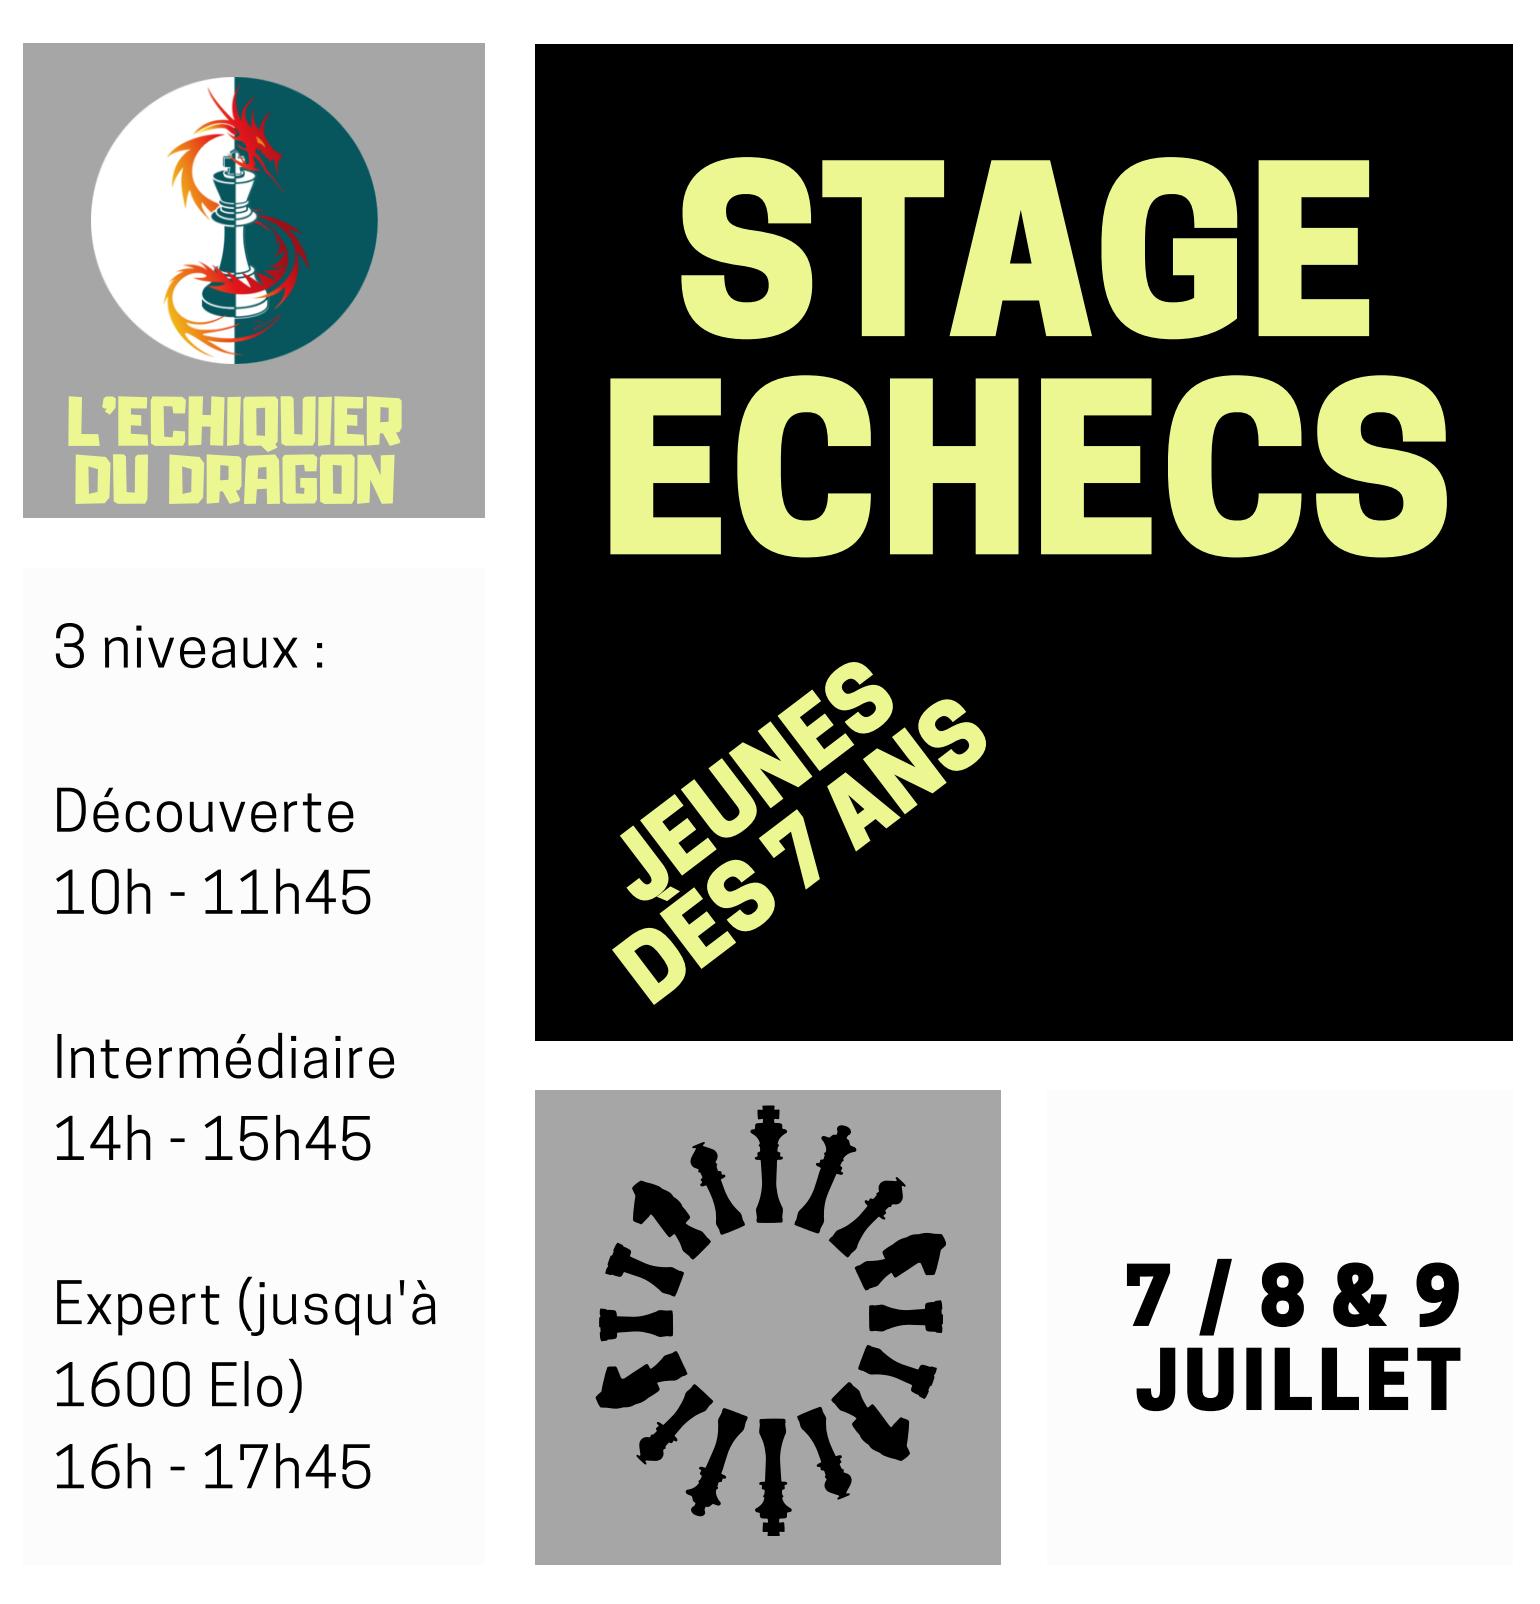 Stage d'échecs 7, 8 et 9 Juillet 2021